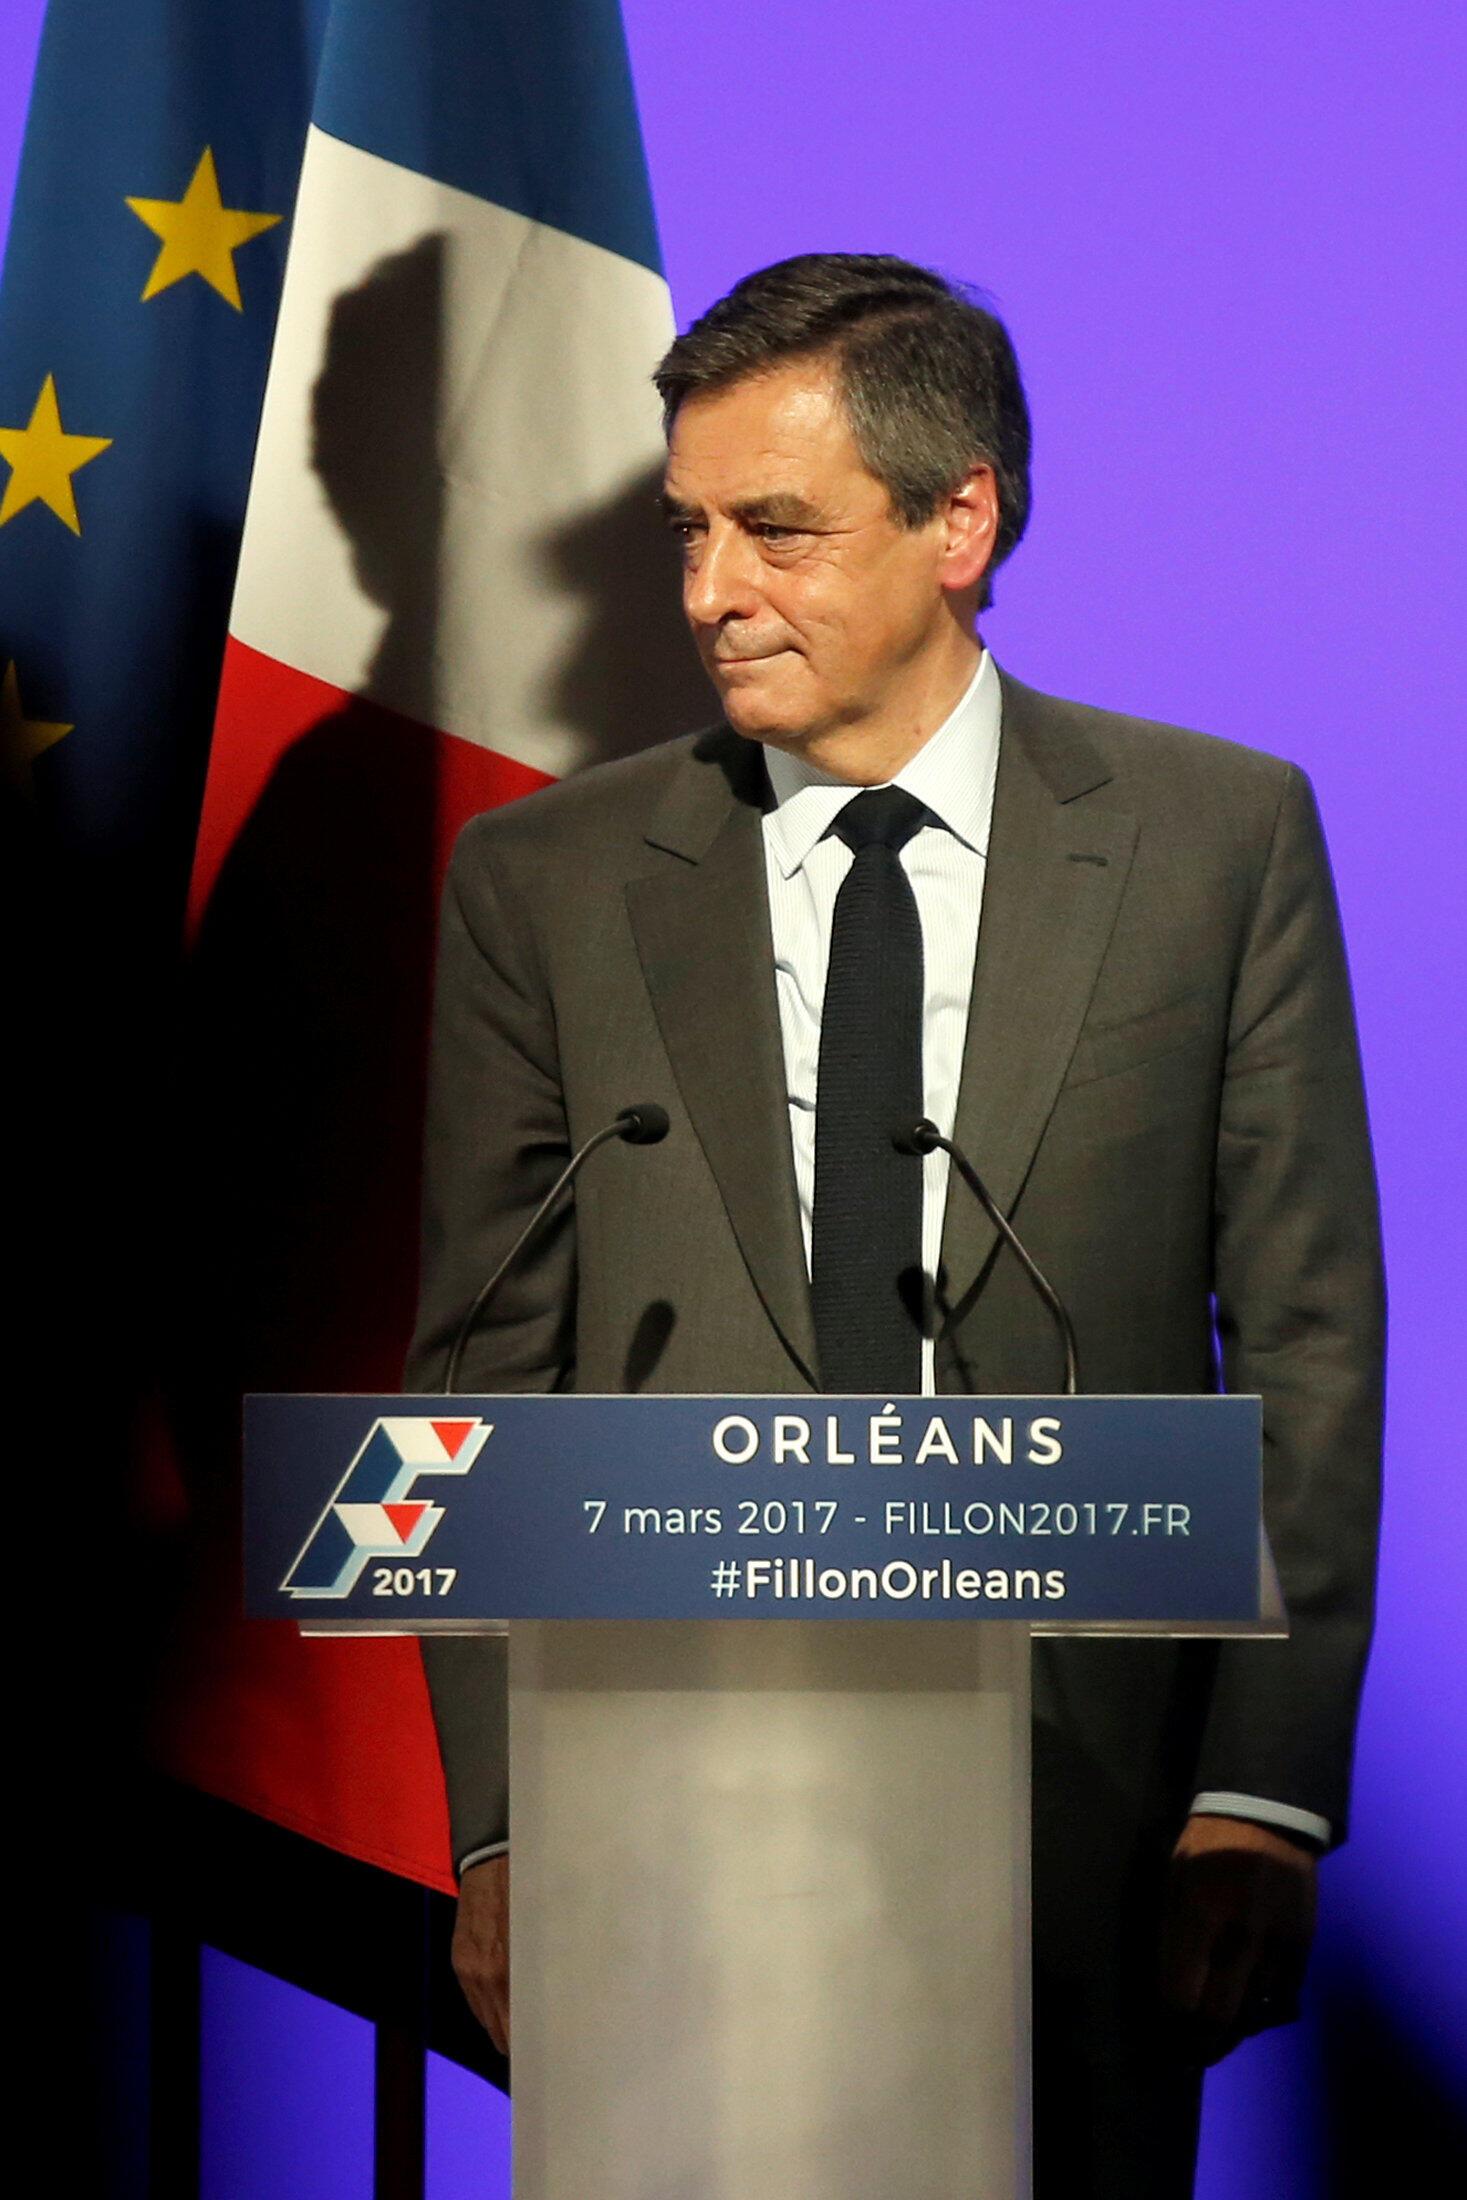 Ông Francois Fillon, ứng viên tổng thống Pháp, thuộc đảng Những Người Cộng Hòa, phát biểu tại cuộc mít tinh ở Orleans, ngày 07/03/2017